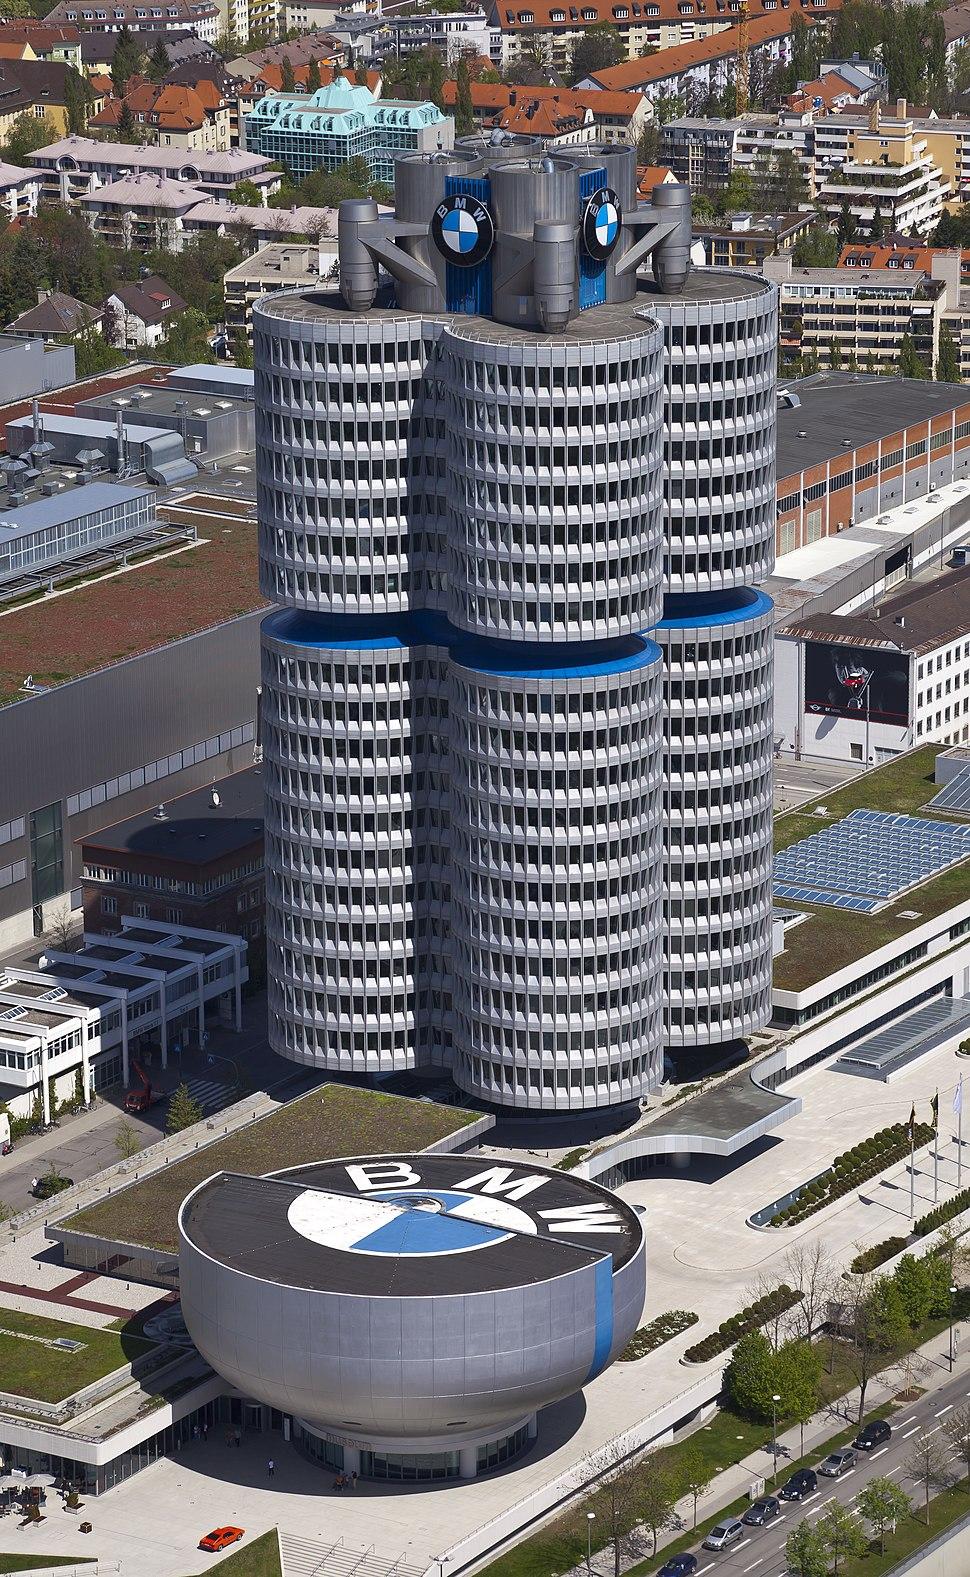 4 cilindros y museo BMW, M%C3%BAnich, Alemania 2012-04-28, DD 02